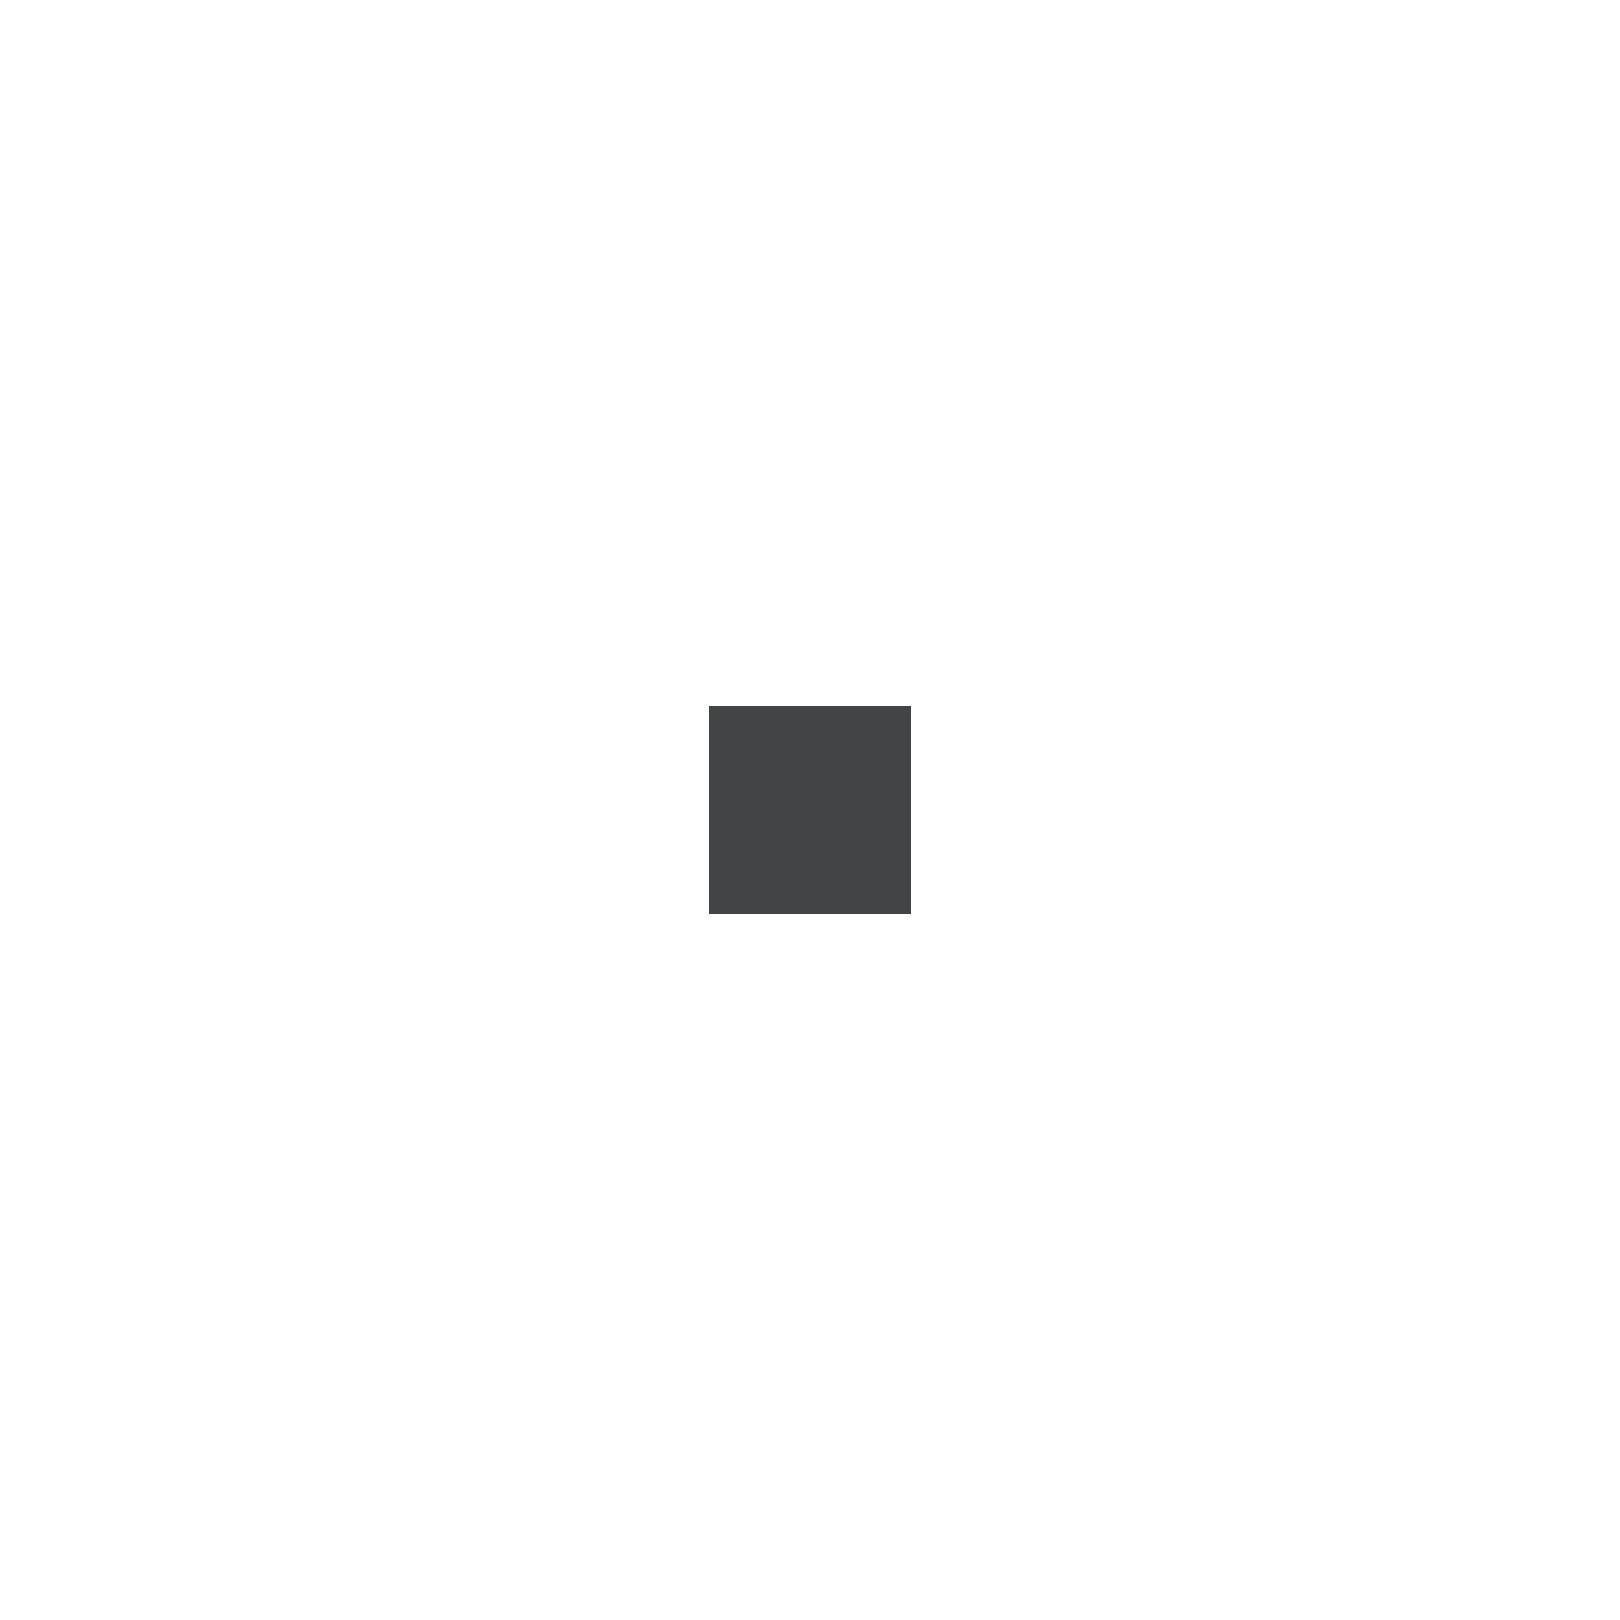 Carrelage grès cérame uni Winckelmans carré (3 formats, 32 couleurs) épaisseur 0,9cm